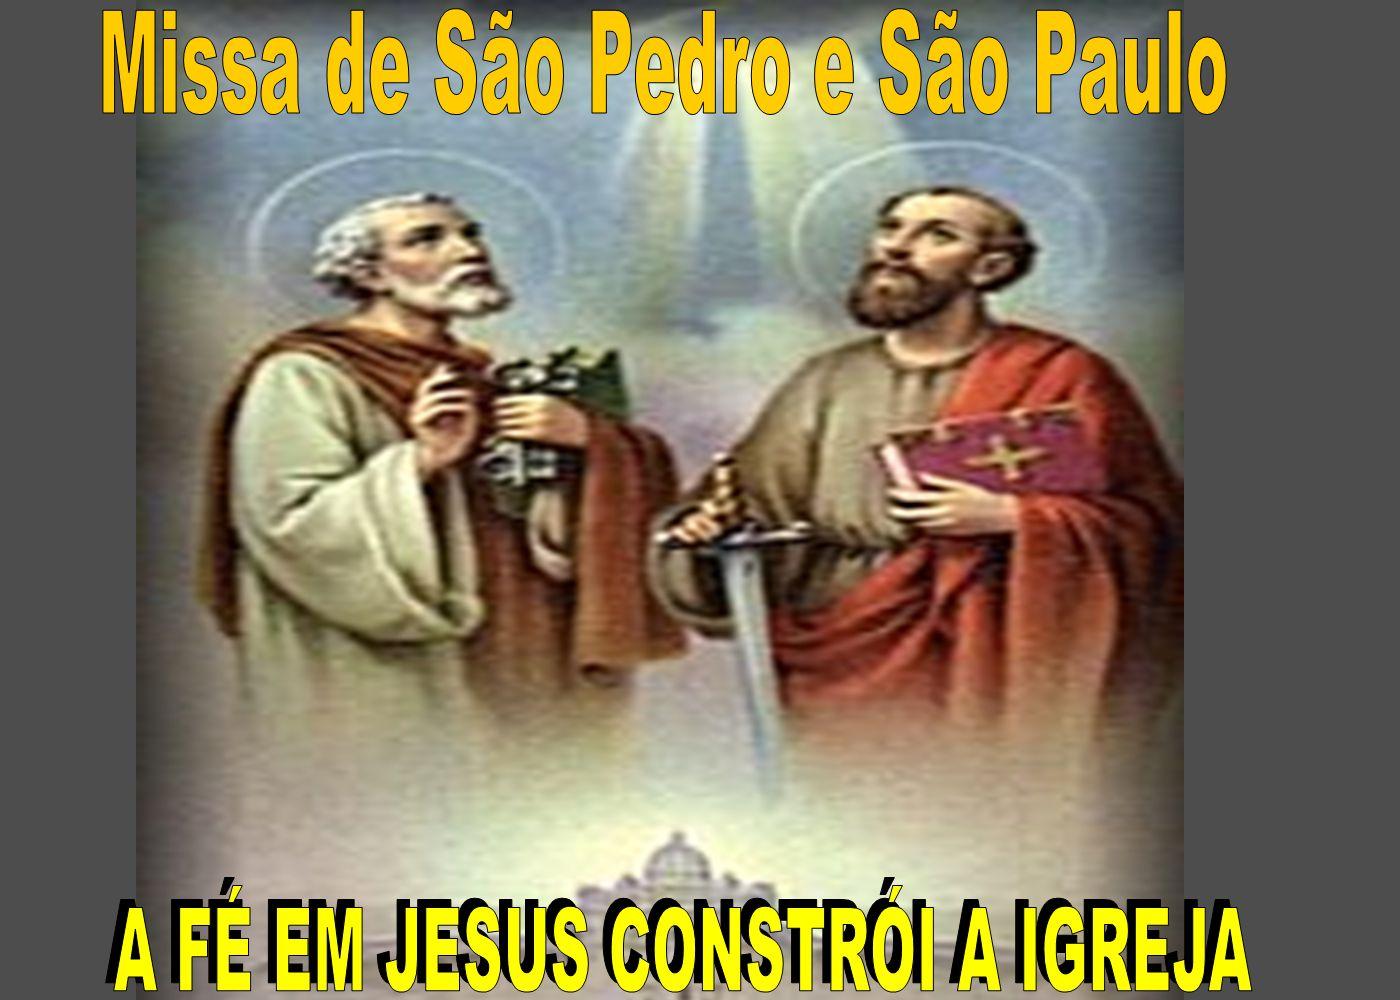 Missa de São Pedro e São Paulo A FÉ EM JESUS CONSTRÓI A IGREJA